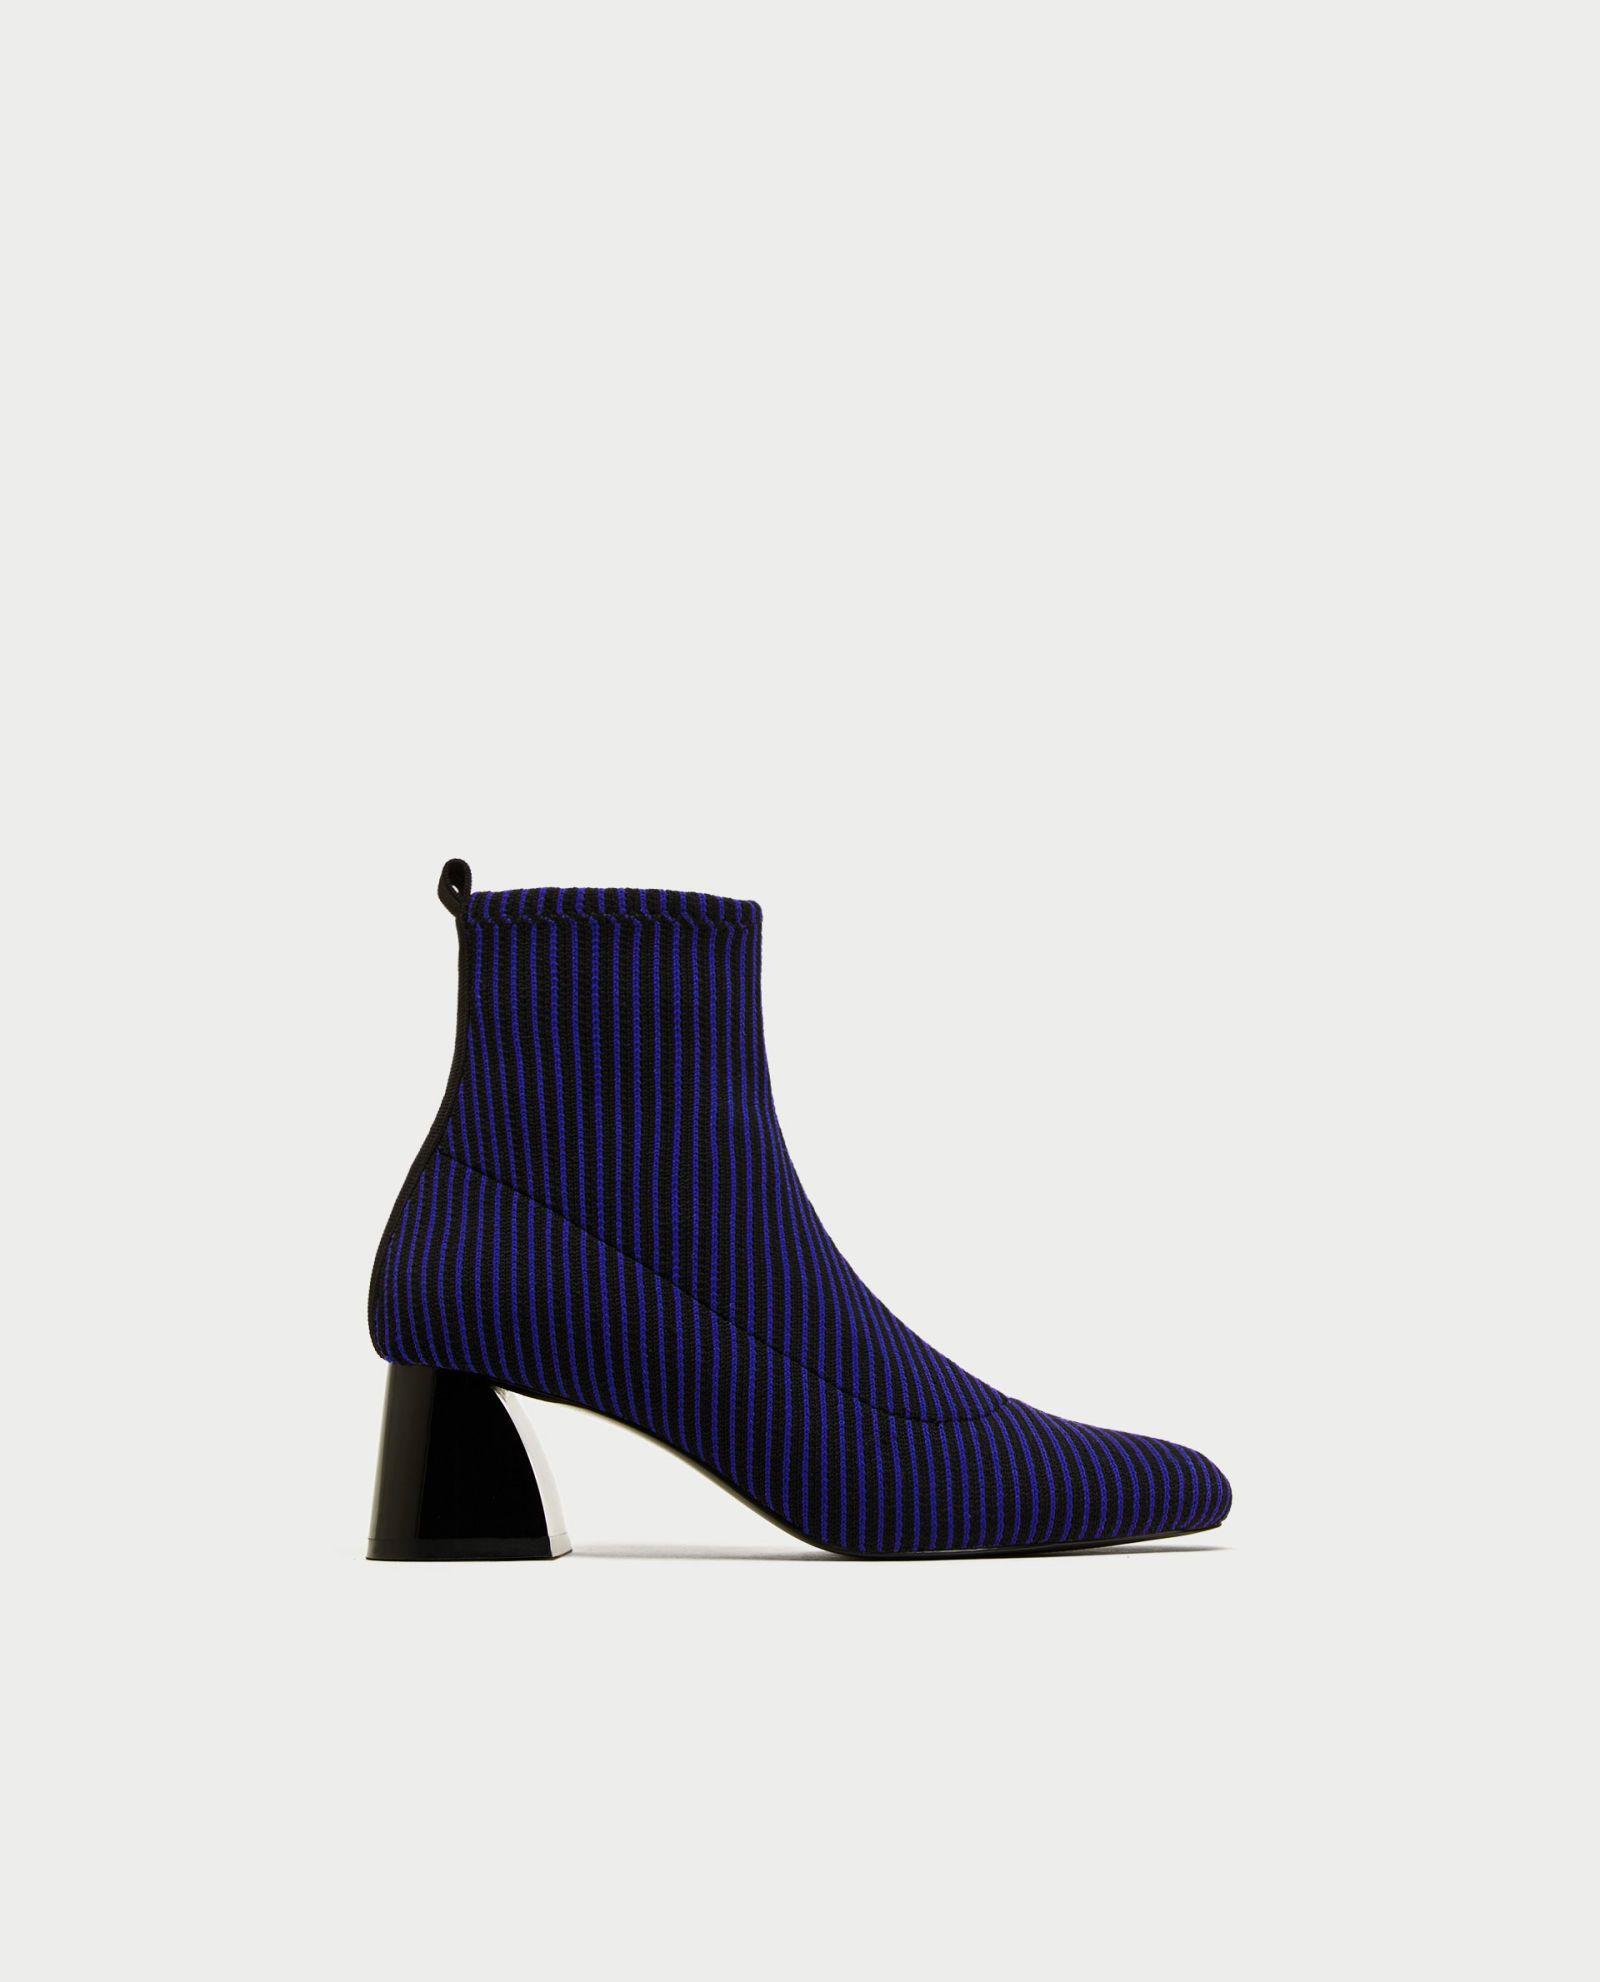 Euros Su Sus 40 'special Y Prices' Zara A Rebaja Zapatos Amplía 20 lF1JTcK3